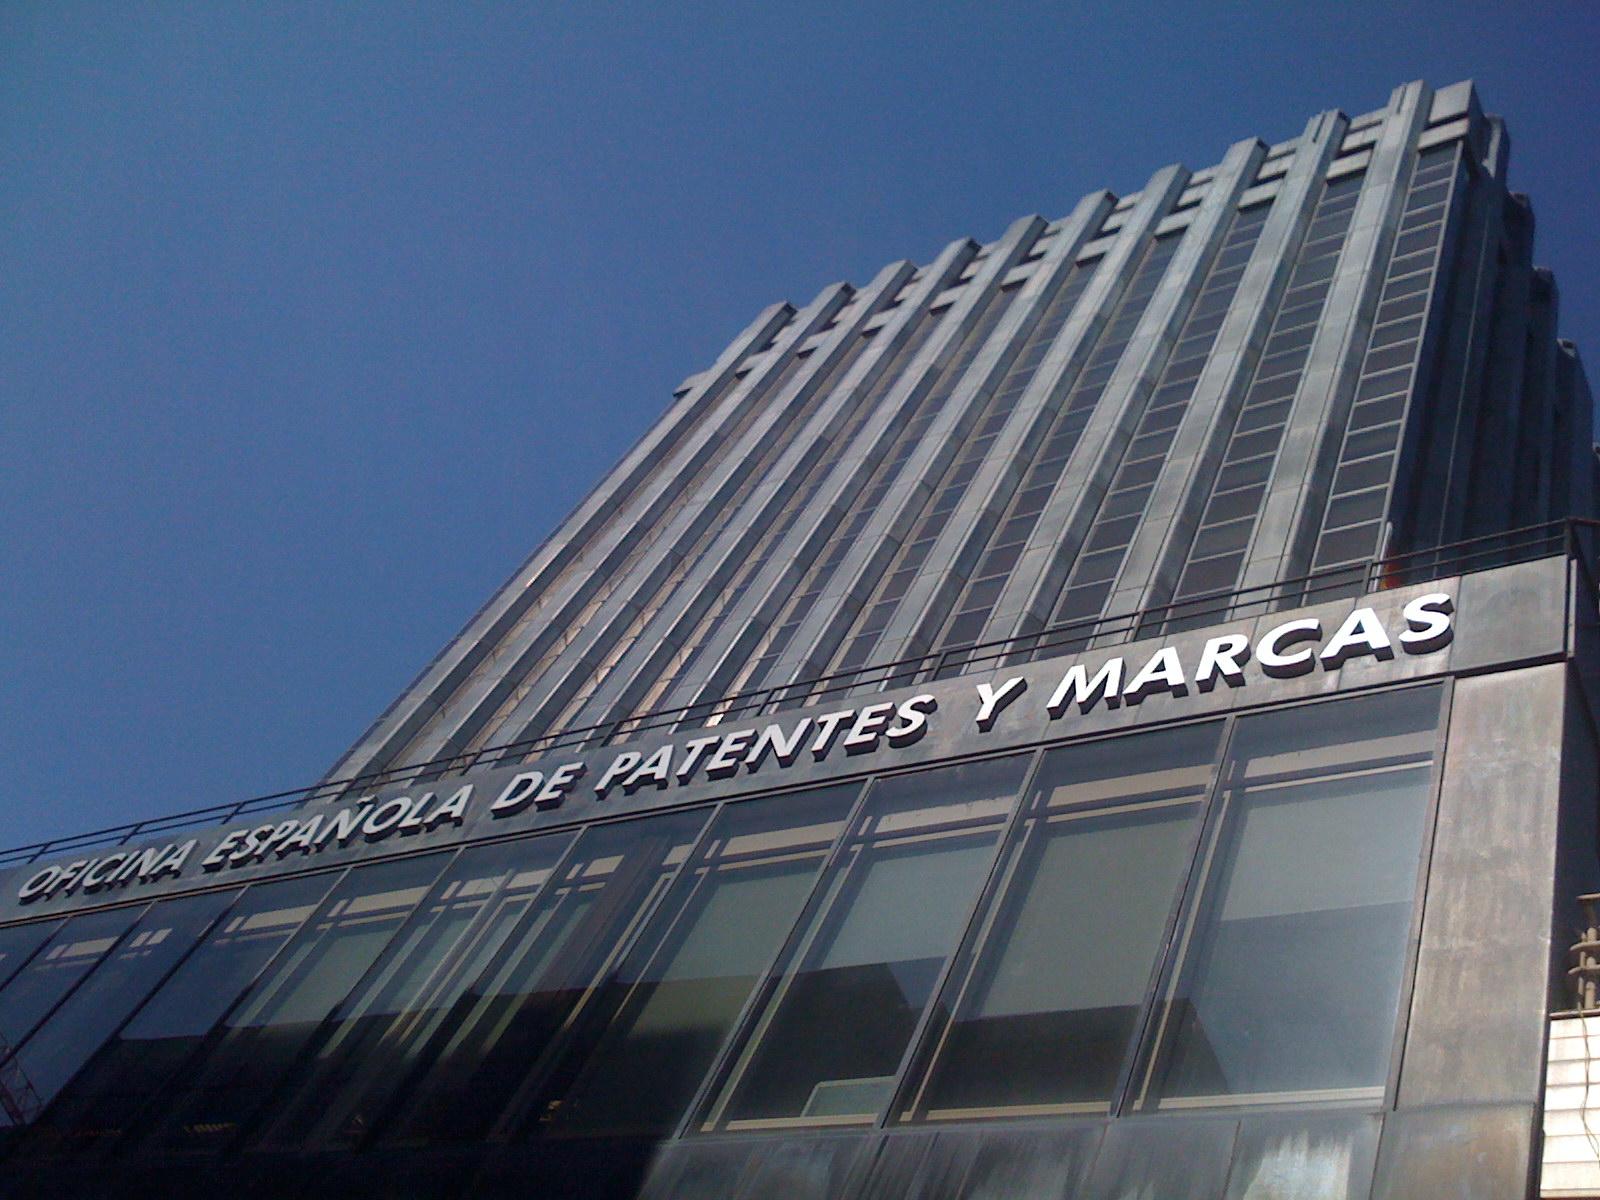 Oficina espa ola de patentes y marcas inventos patentes for Oficina de patentes